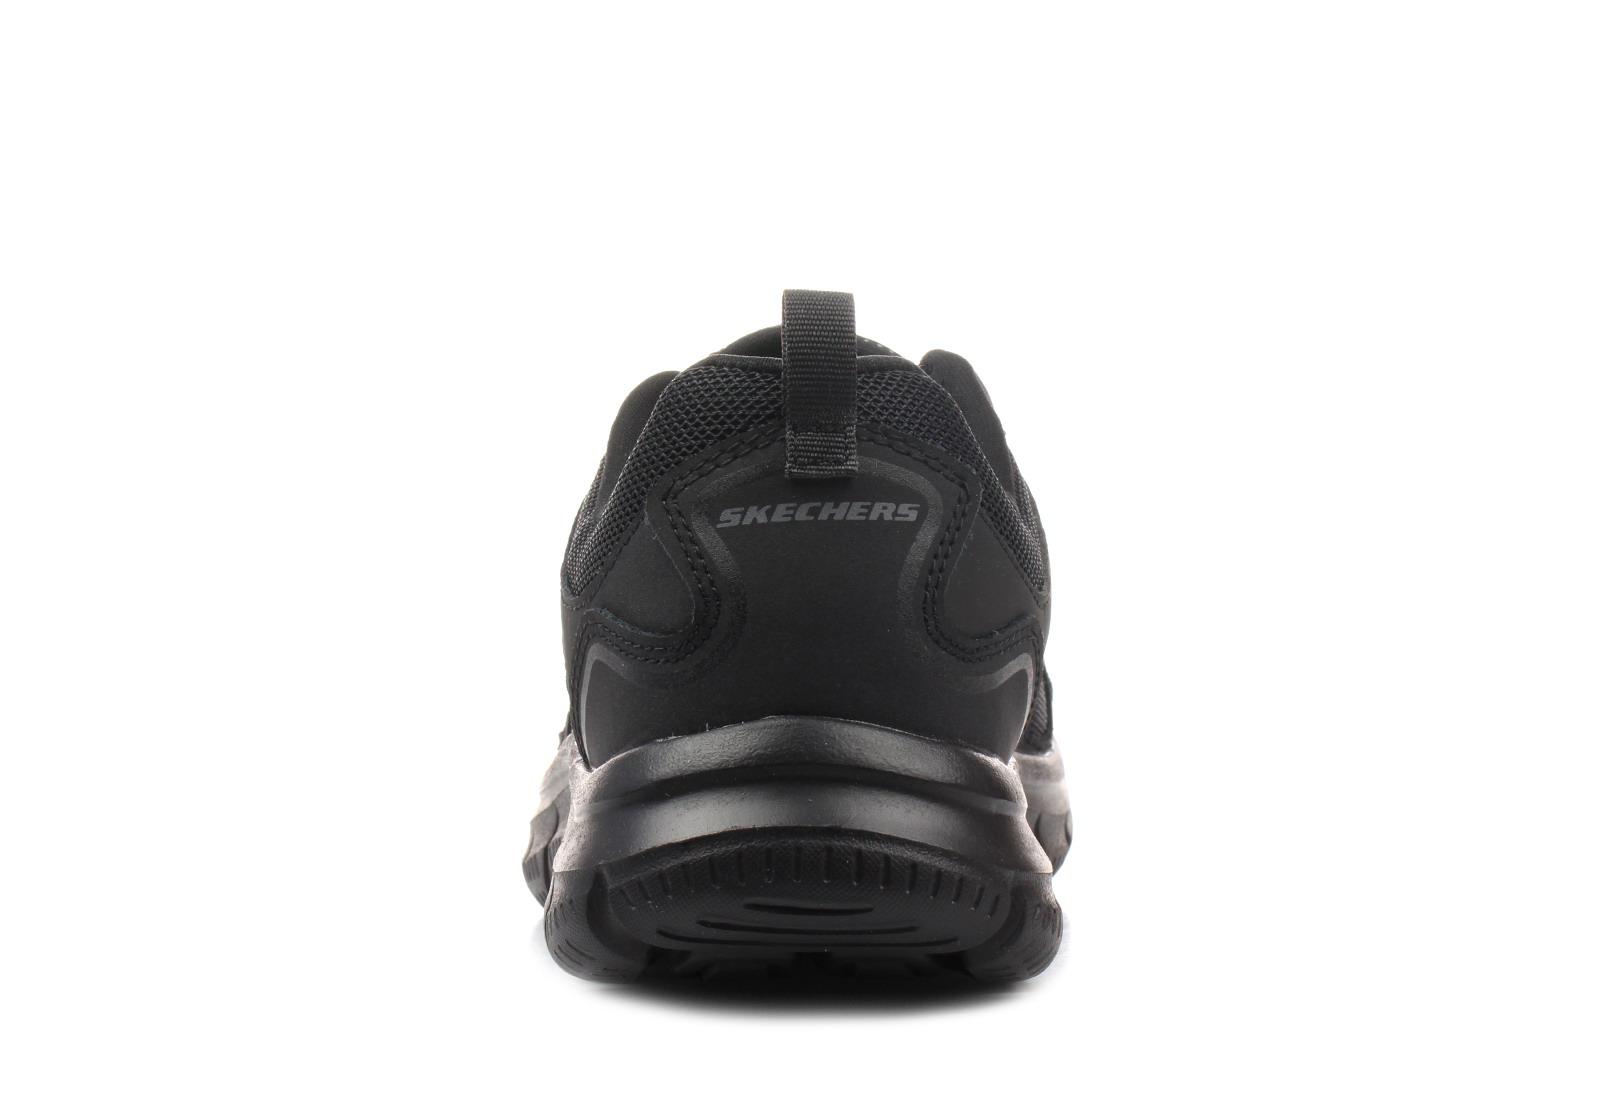 12348ddefb Skechers Shoes - Track- Scloric - 52631-bbk - Online shop for ...